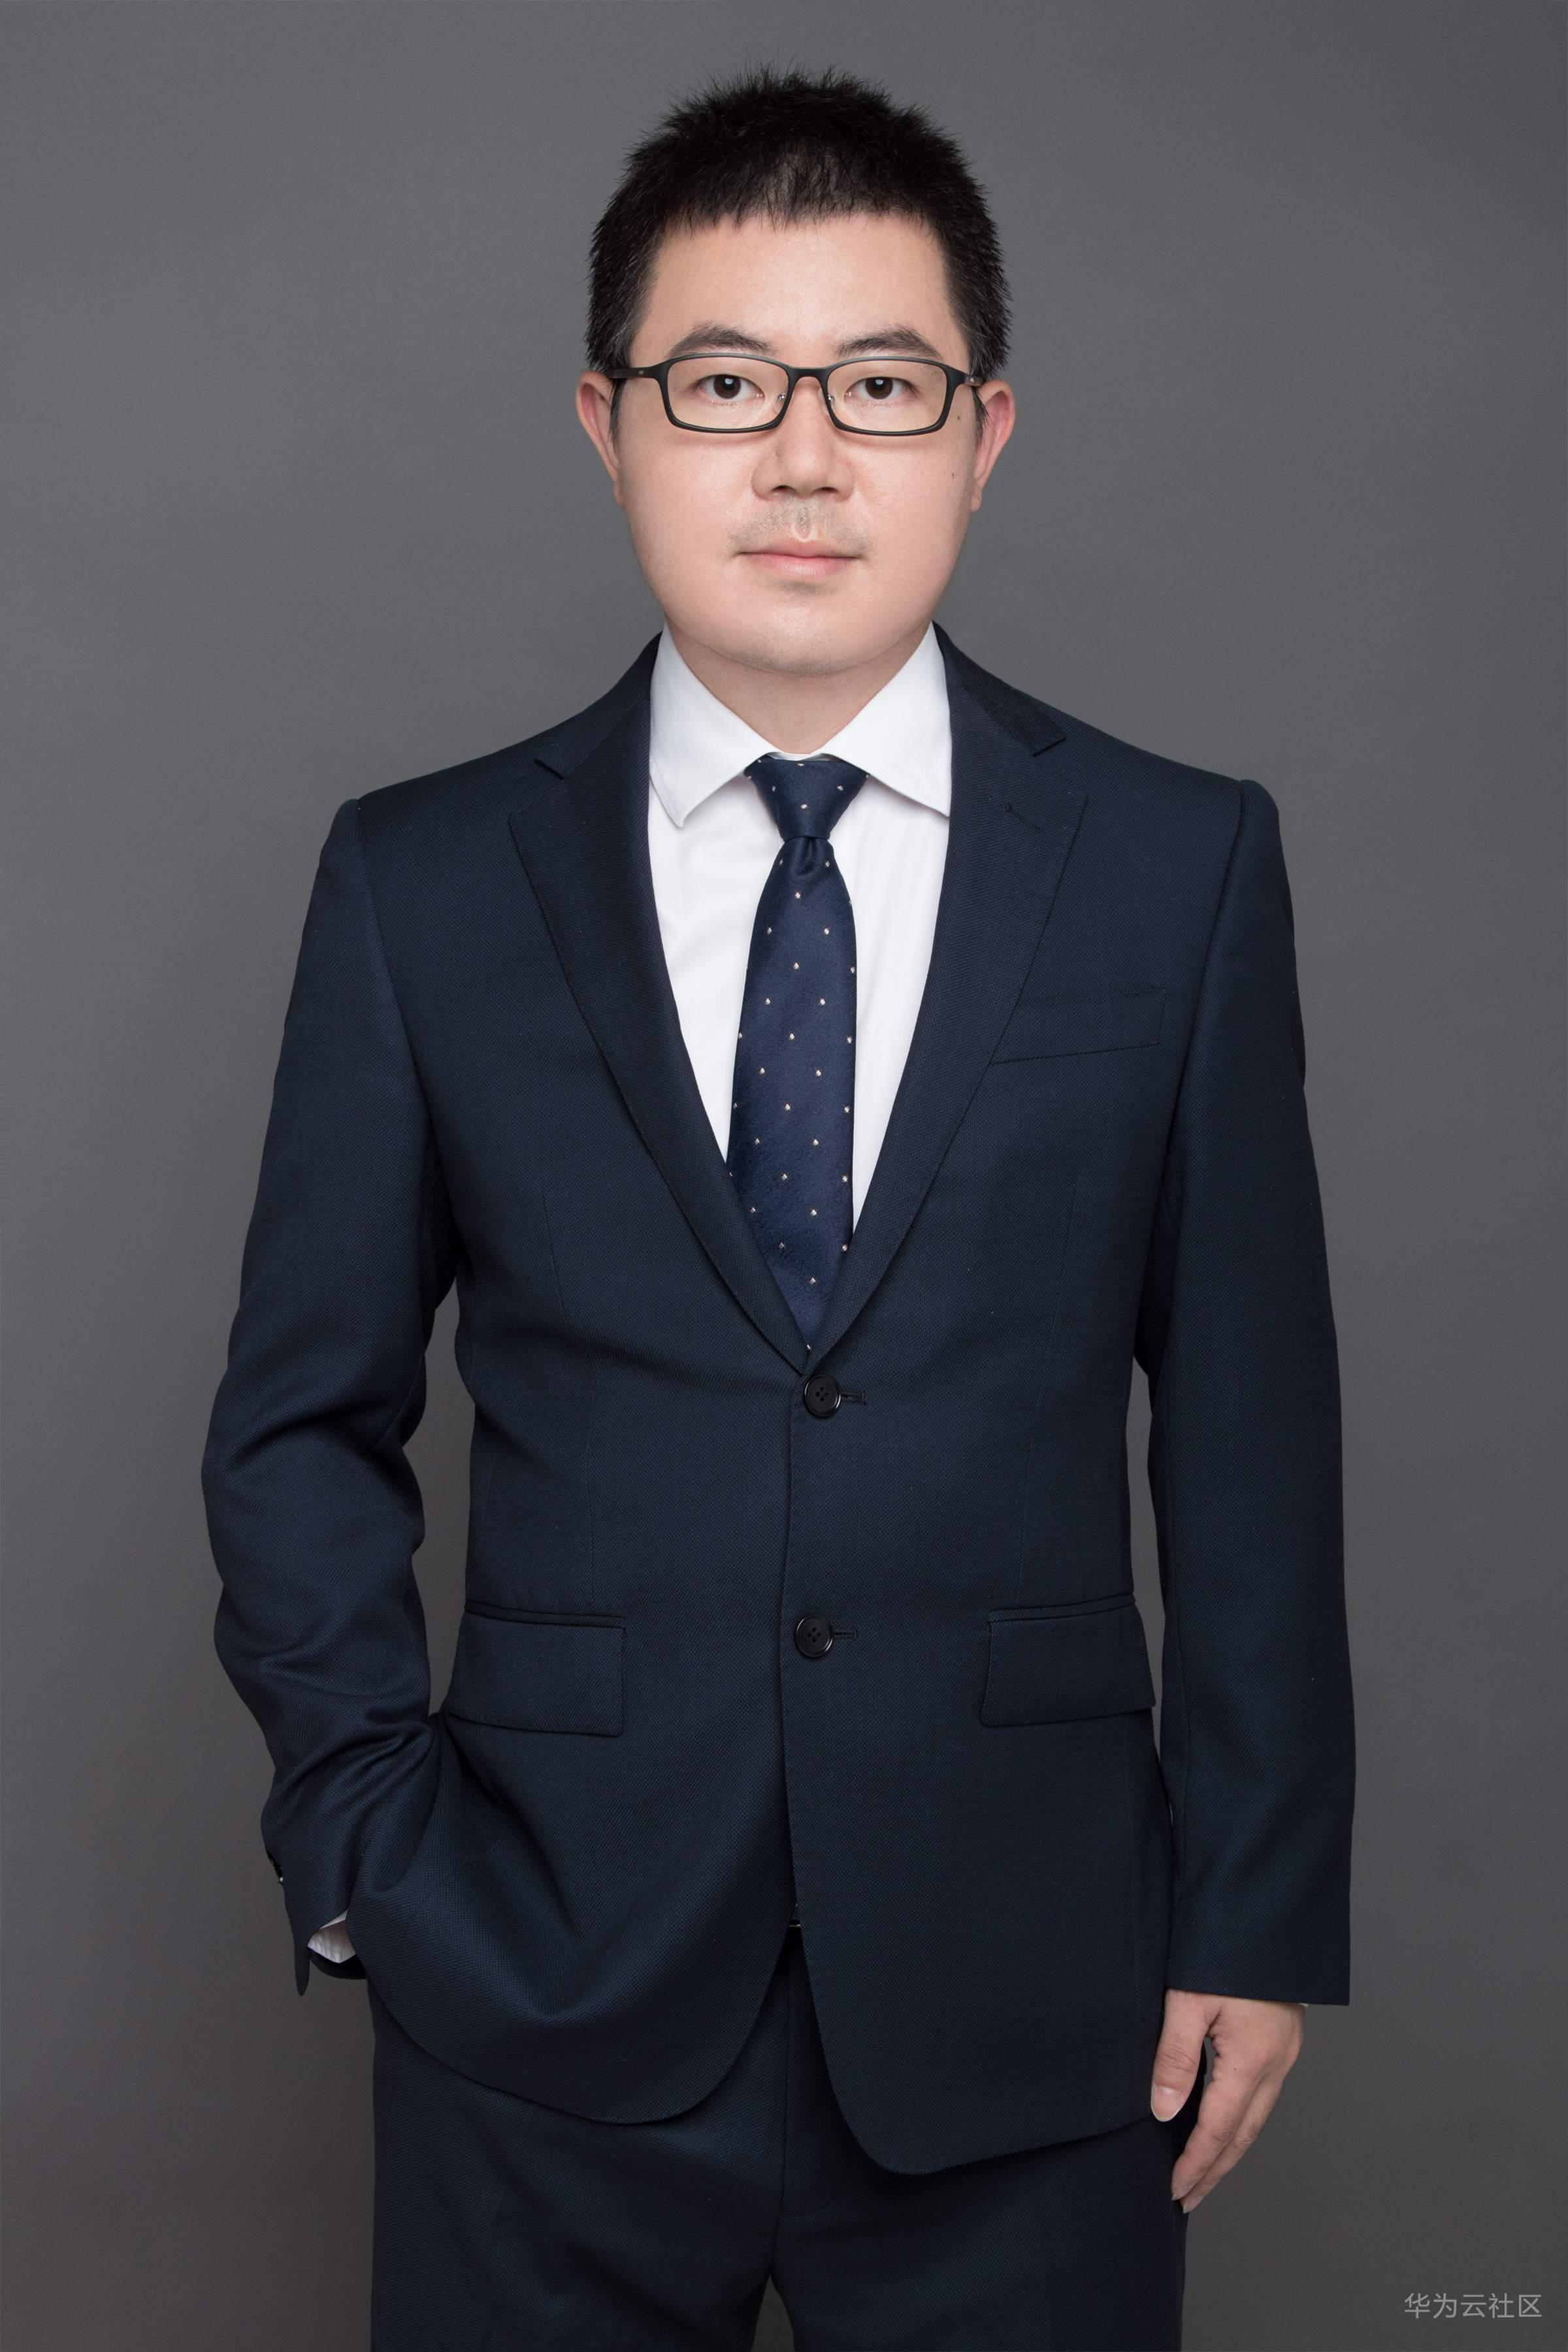 zhangyu.jpg